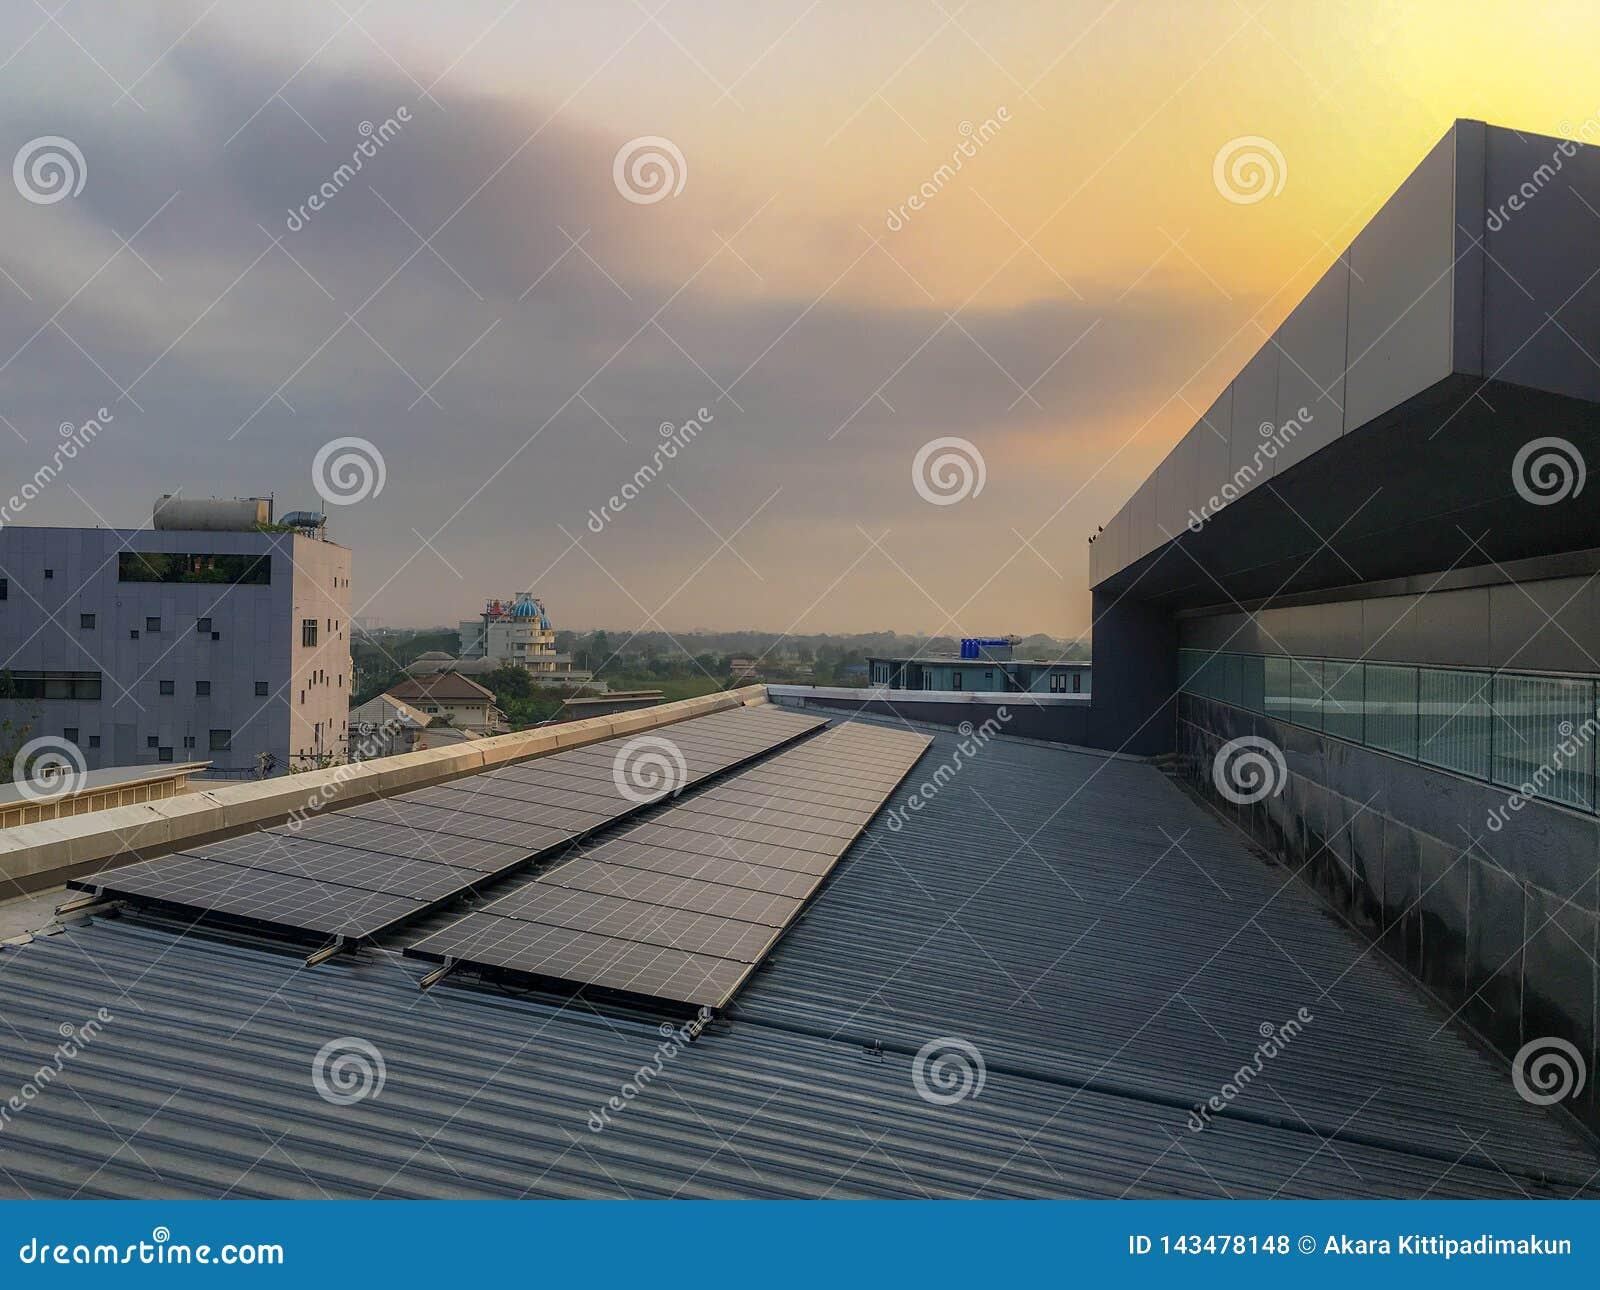 Sonnenkollektor installieren auf das Dach von